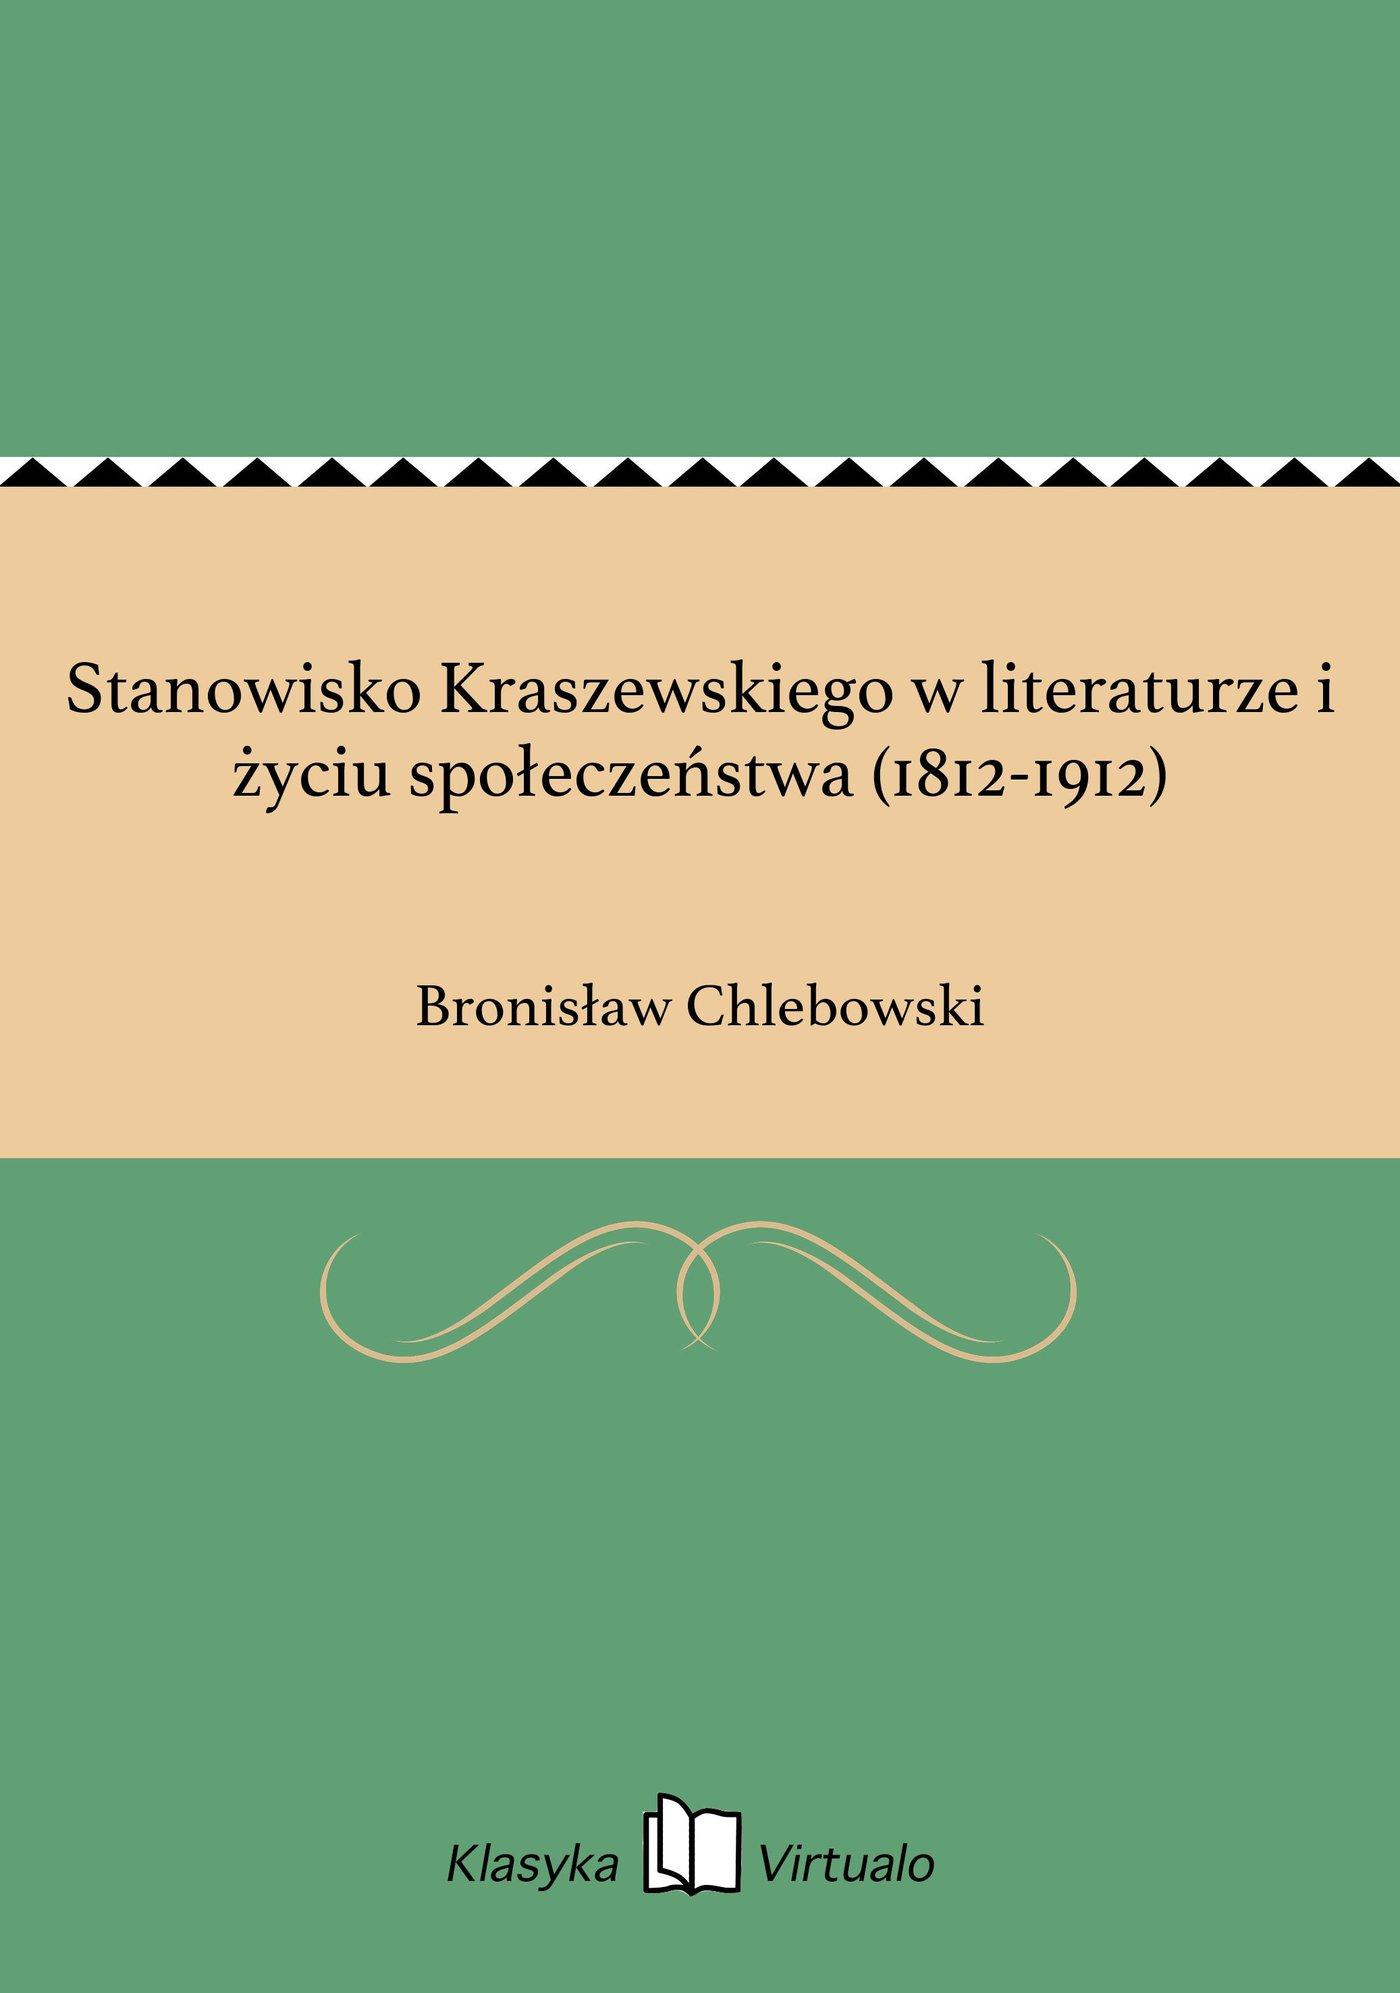 Stanowisko Kraszewskiego w literaturze i życiu społeczeństwa (1812-1912) - Ebook (Książka EPUB) do pobrania w formacie EPUB